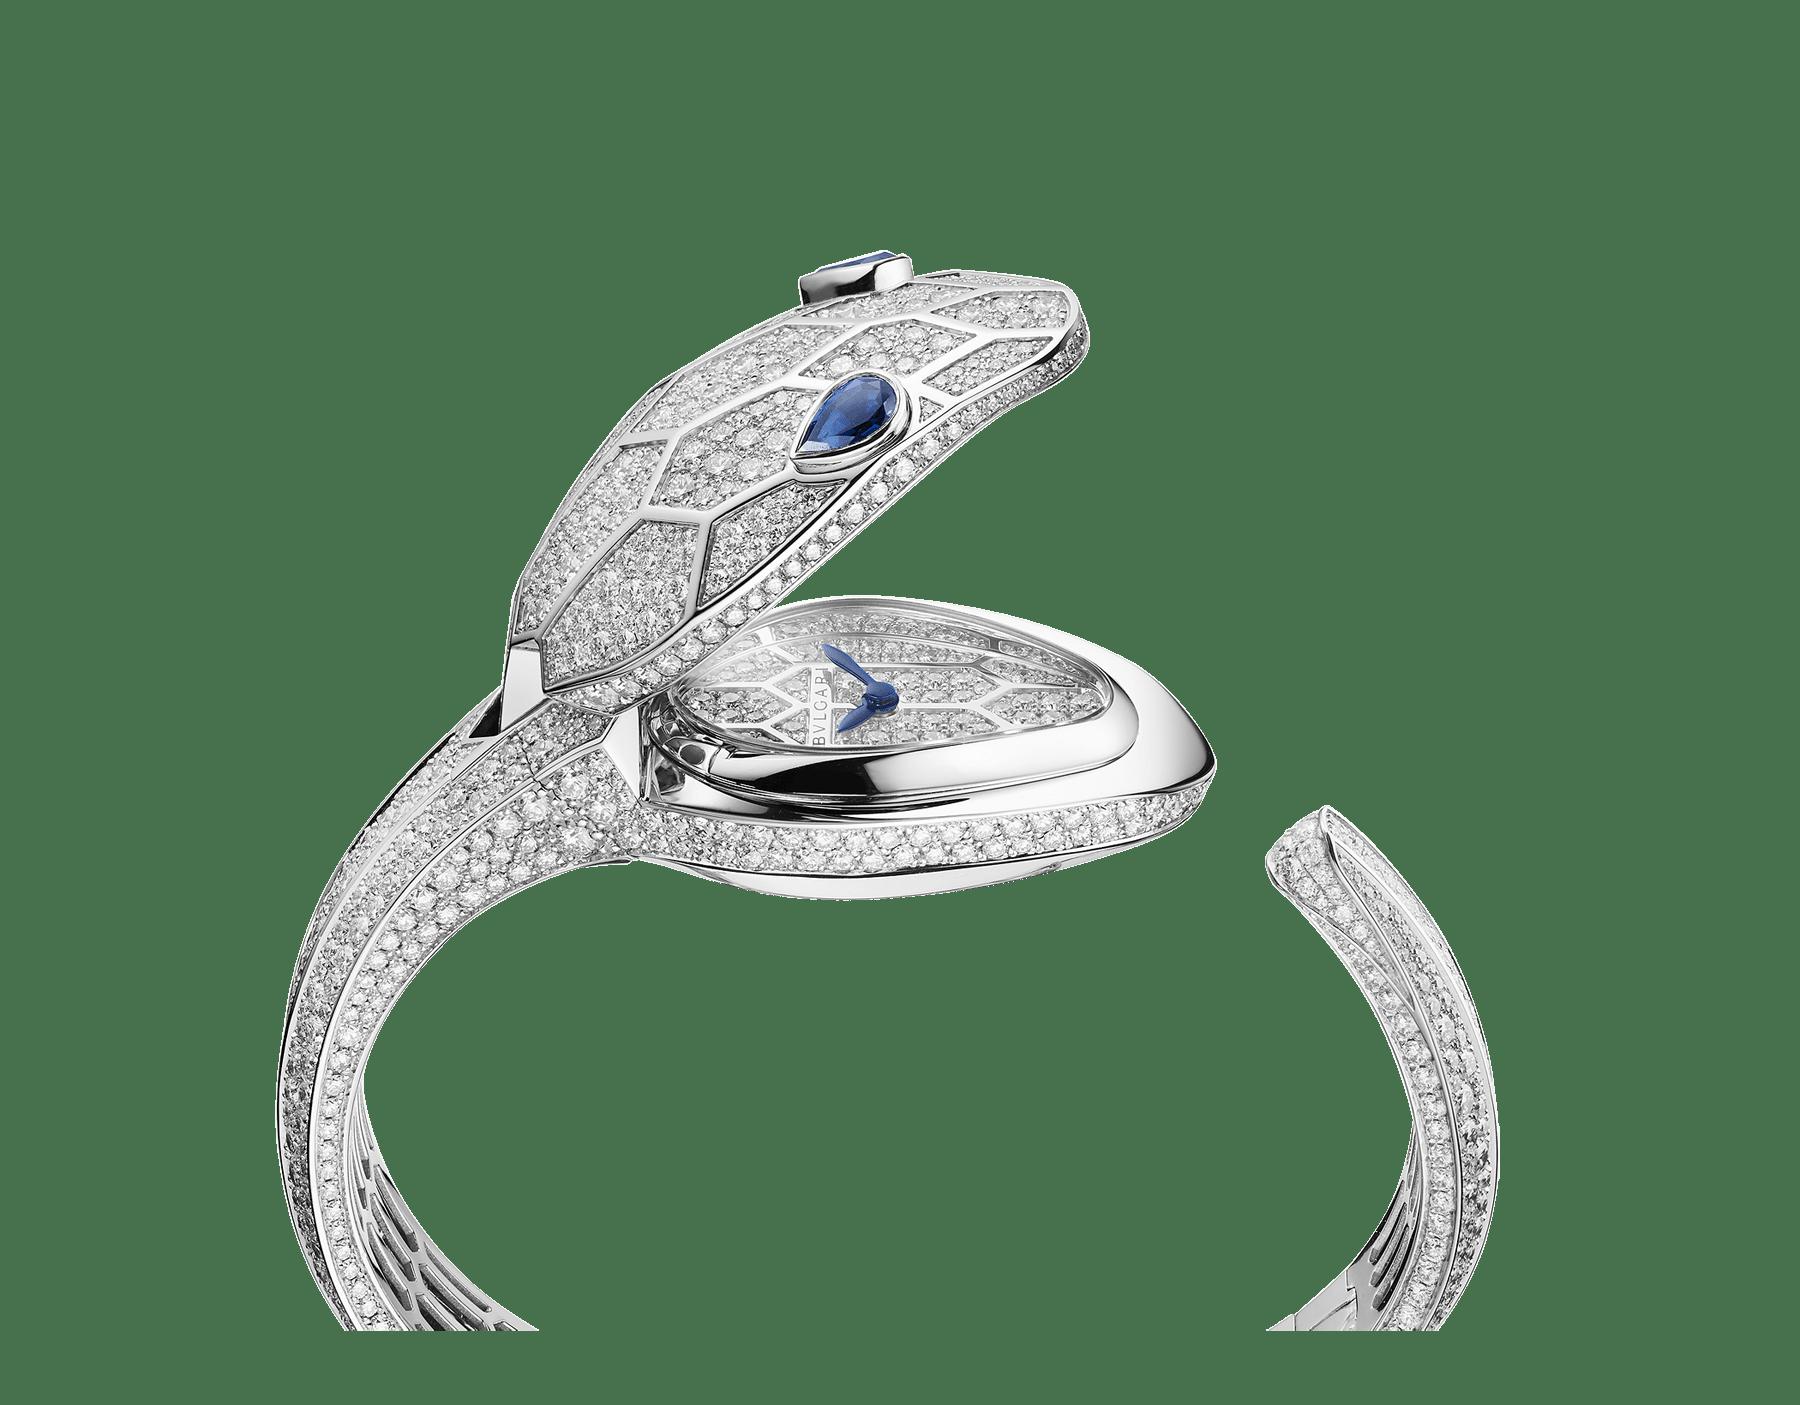 Orologio Serpenti Misteriosi Secret con cassa e bracciale in oro bianco 18 kt con diamanti tondi taglio brillante, quadrante con pavé di diamanti e occhi con zaffiri a goccia. Misura piccola. 102752 image 3